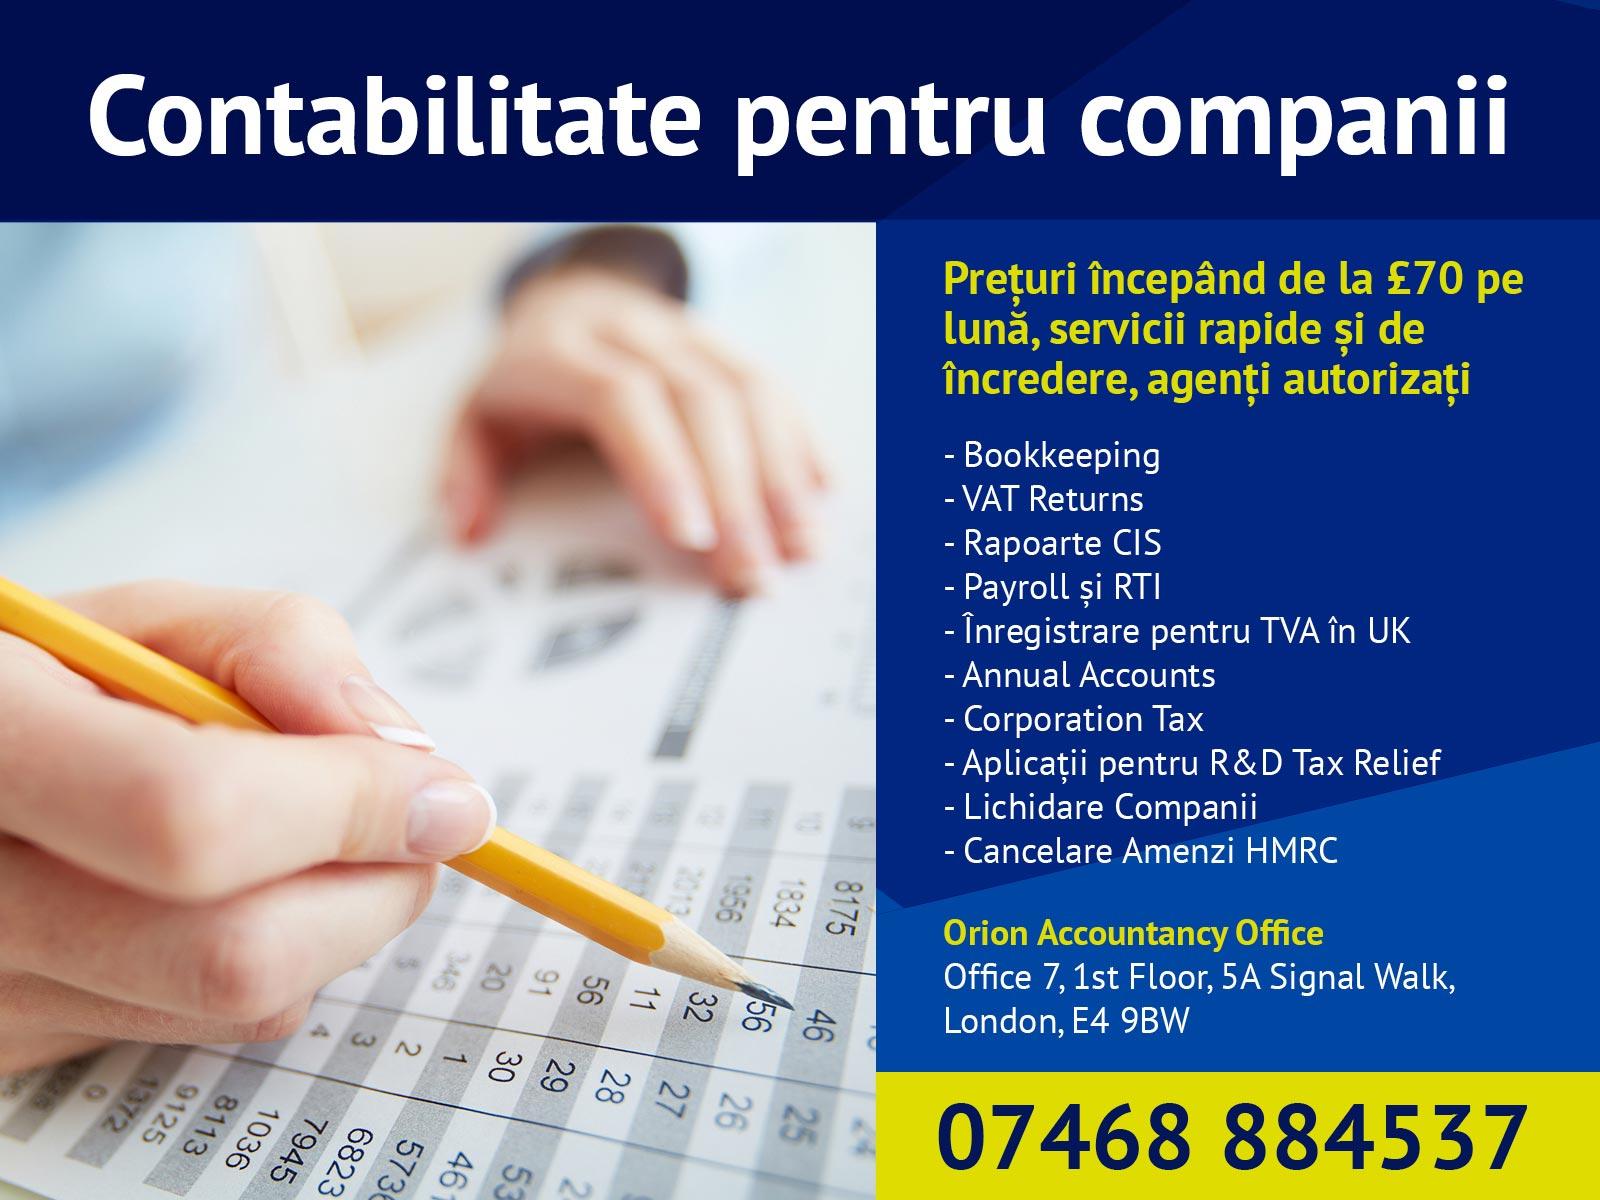 Contabilitate personalizata afacerii tale